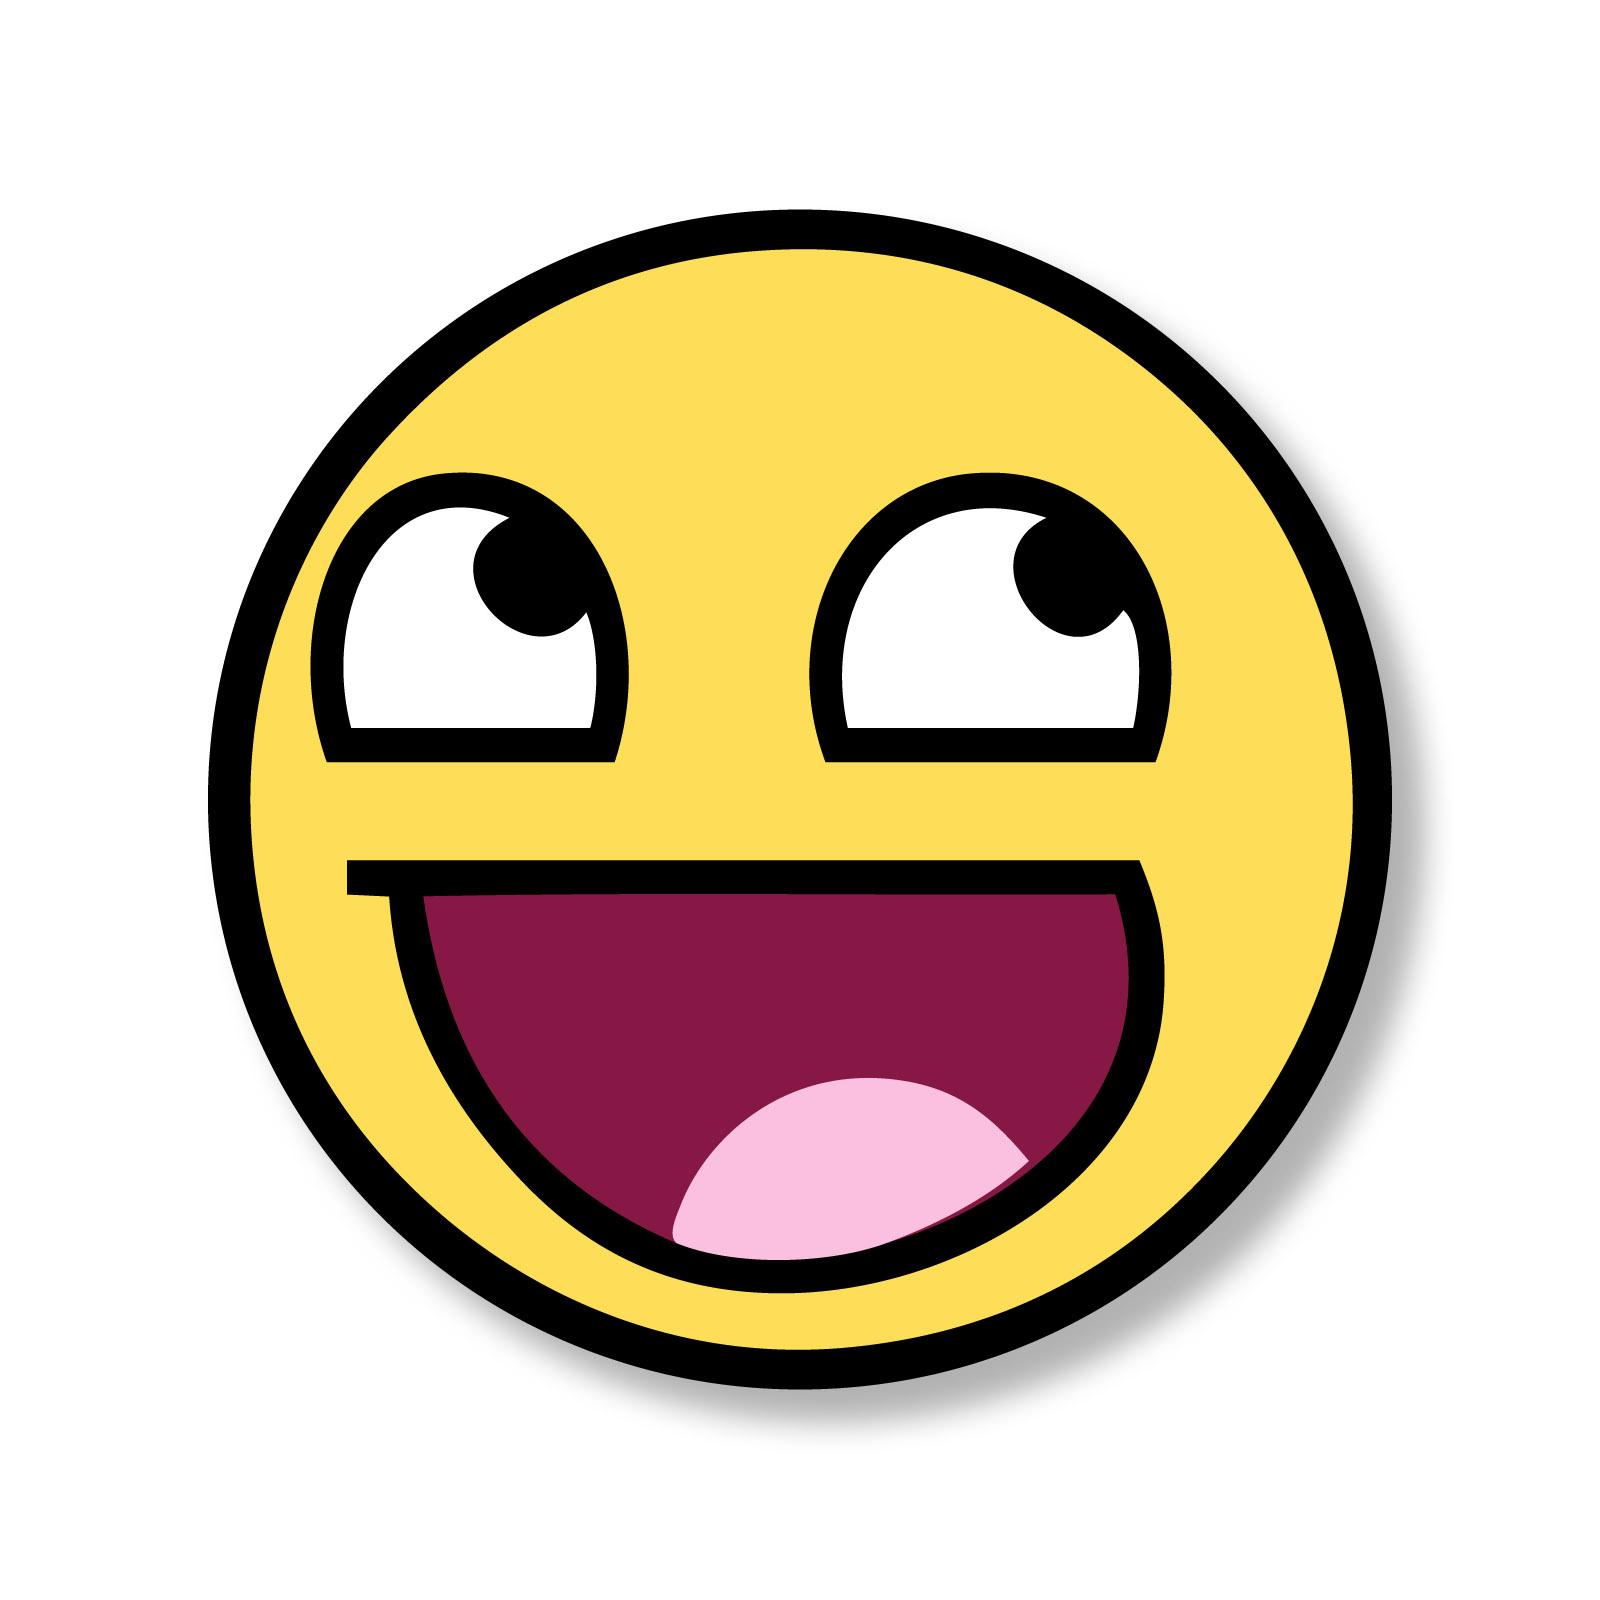 Wie heißt der Smiley? (Handy)